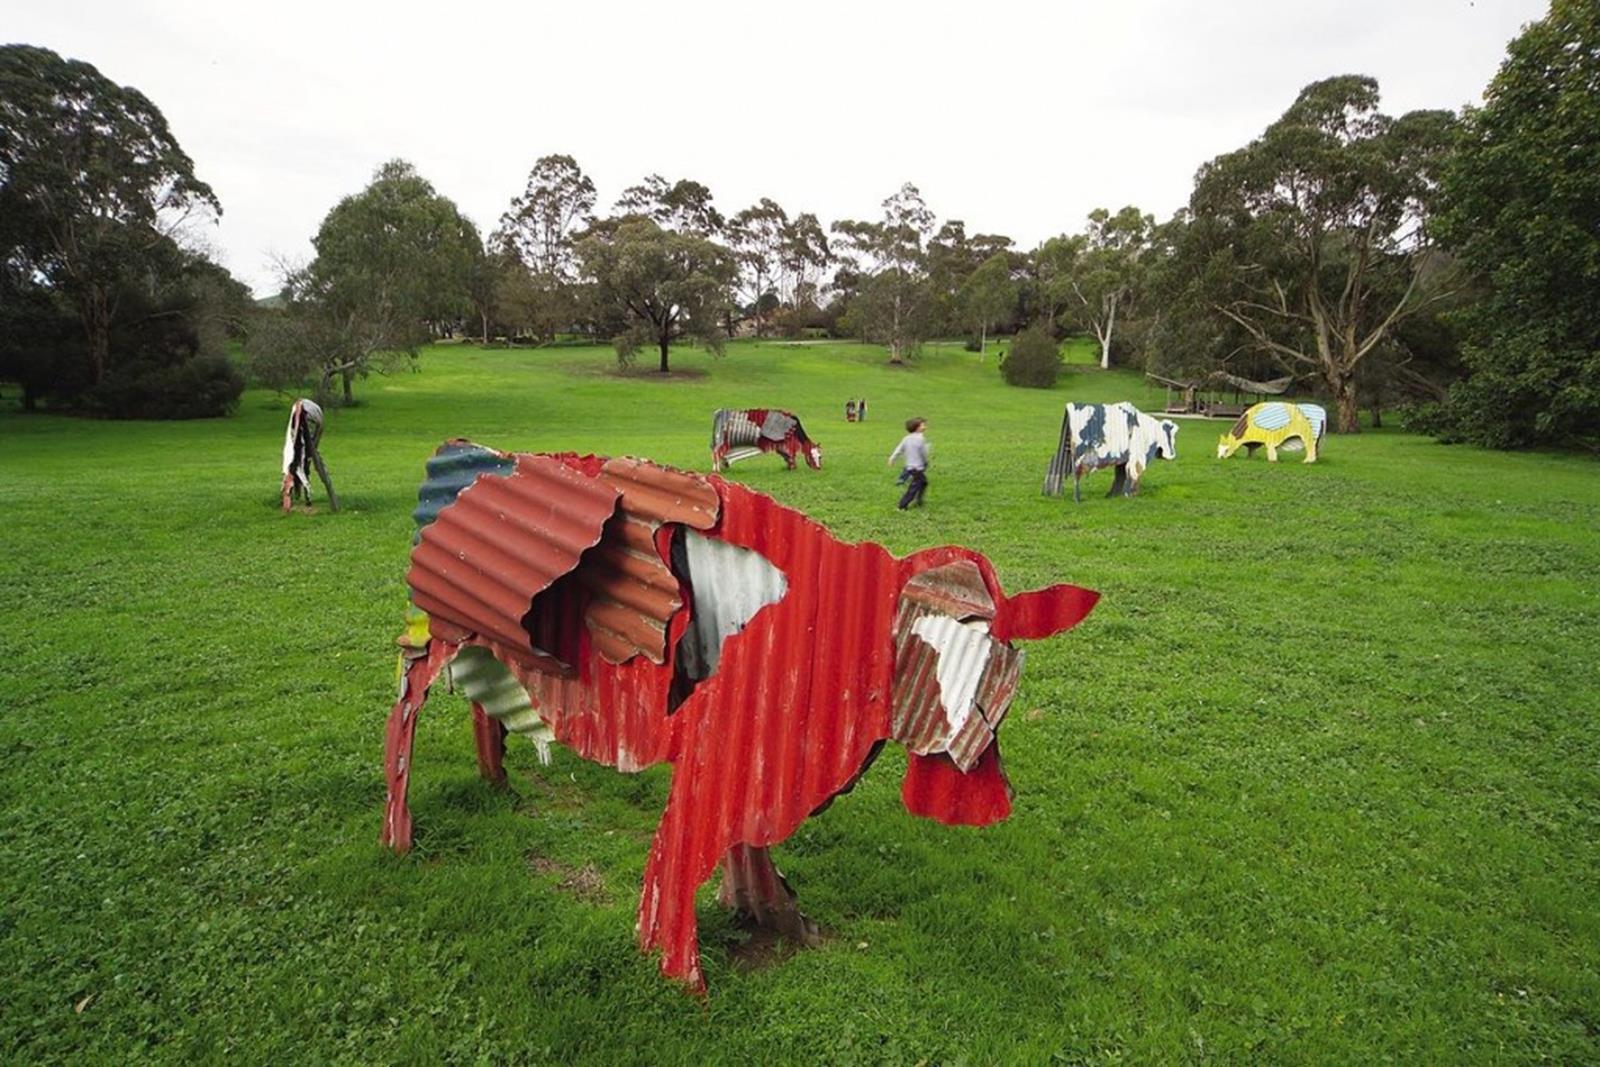 Thomson Cows J.Gollings 2004